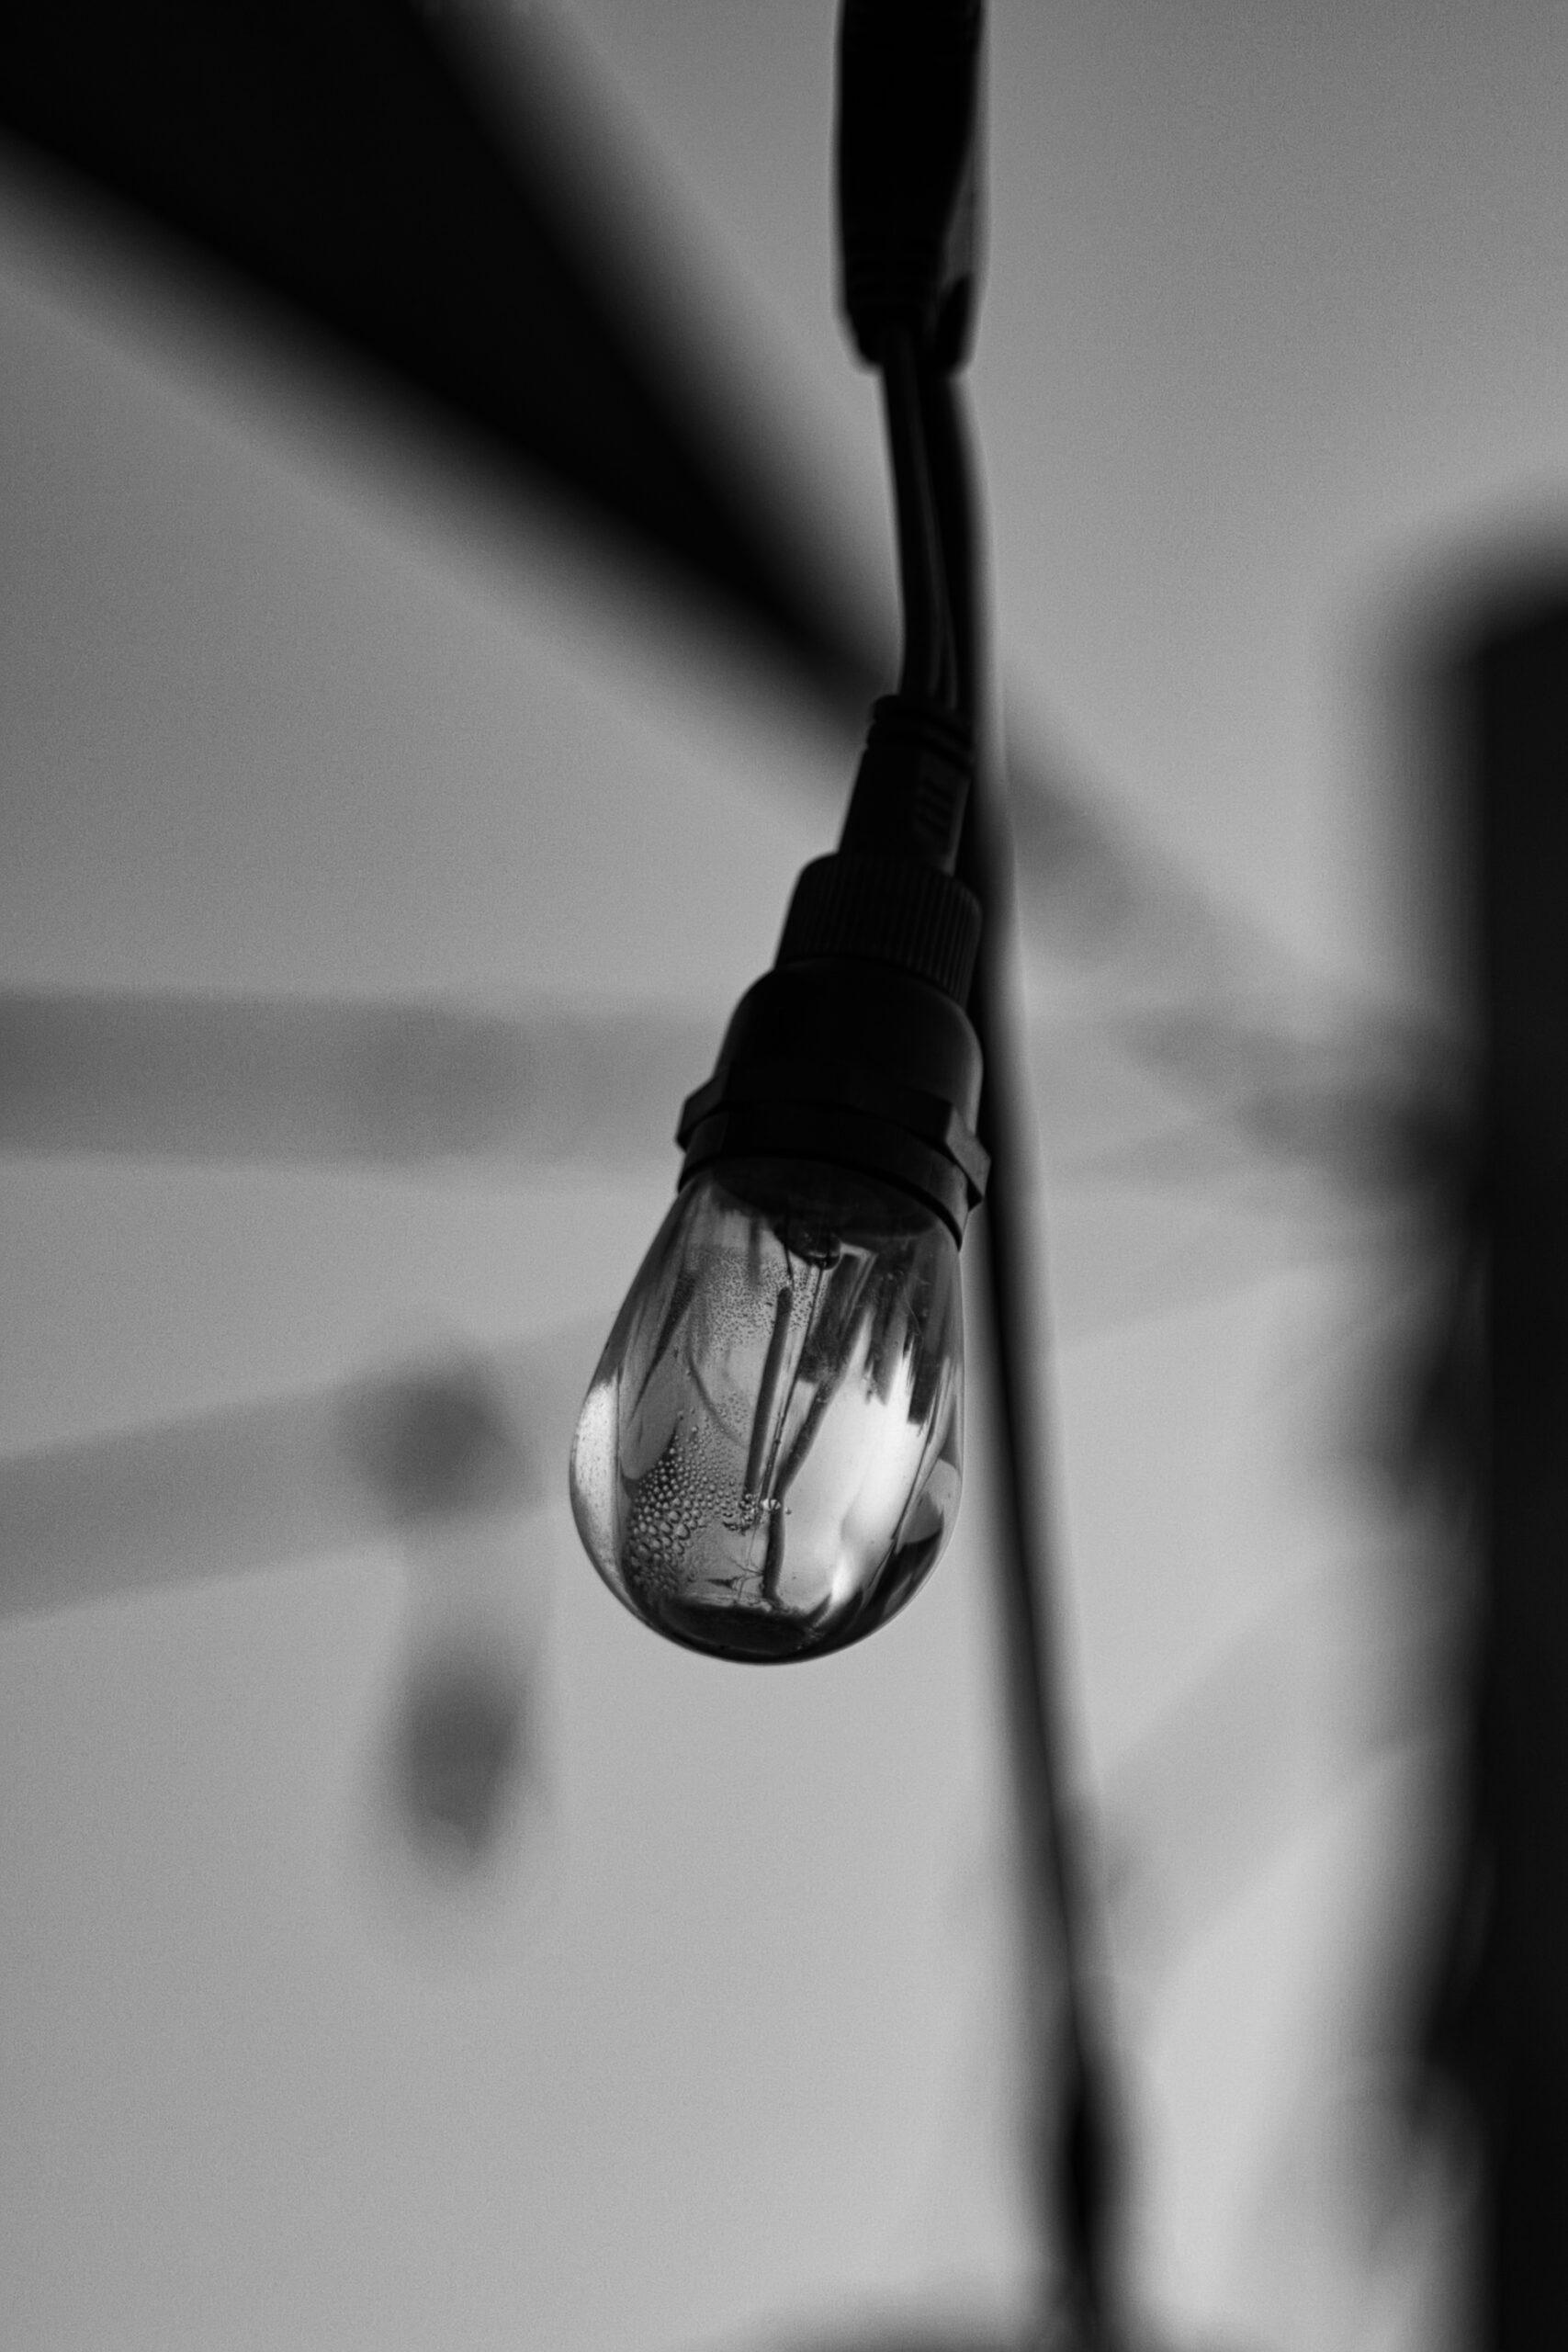 _jaja-huggins-string-light-2020